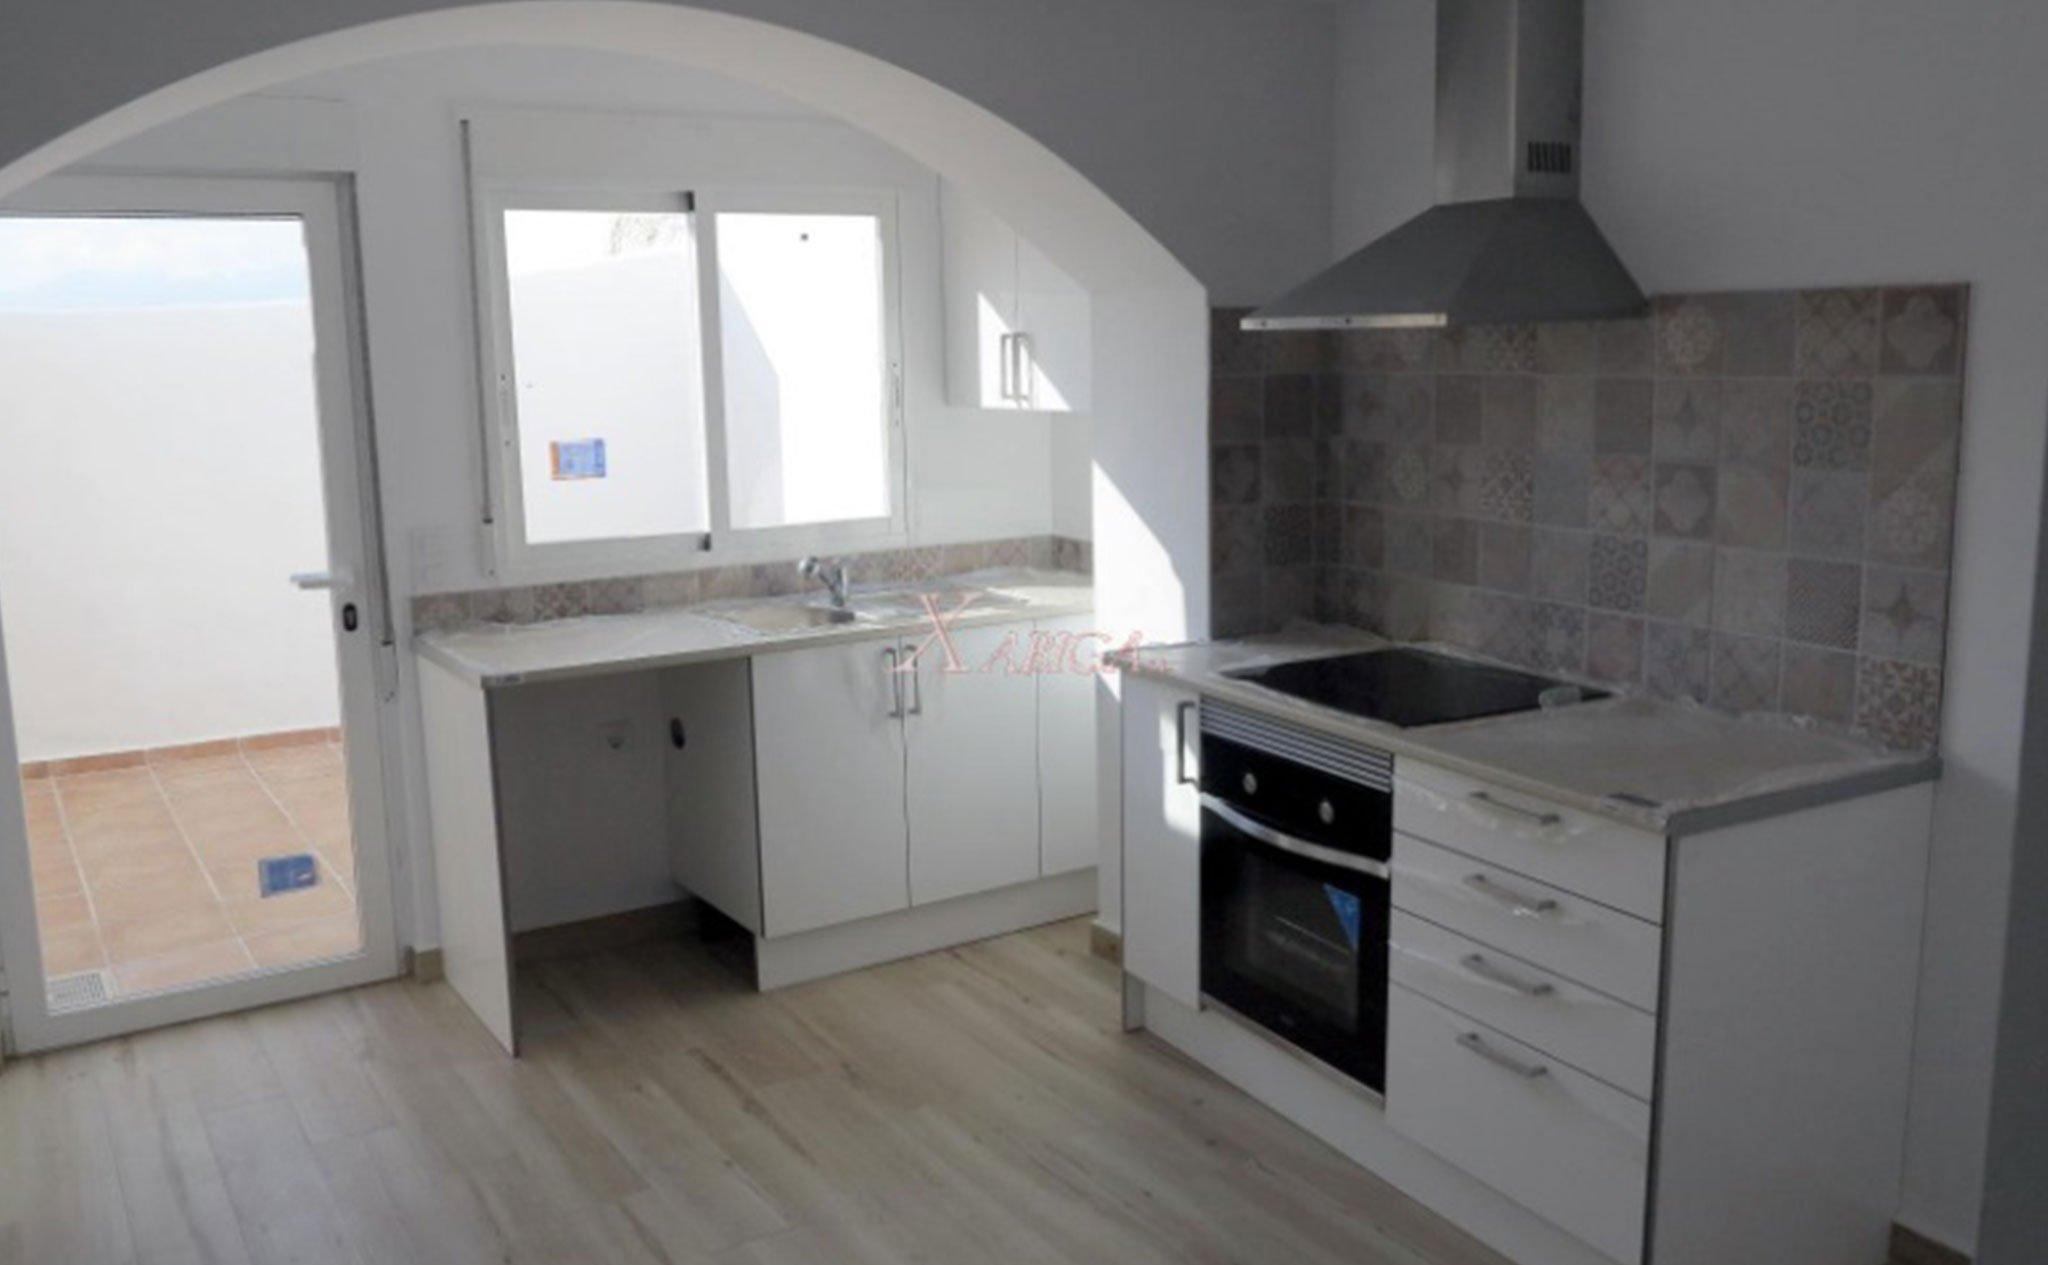 Cocina de una casa de pueblo en venta en Benitachell – Xabiga Inmobiliaria